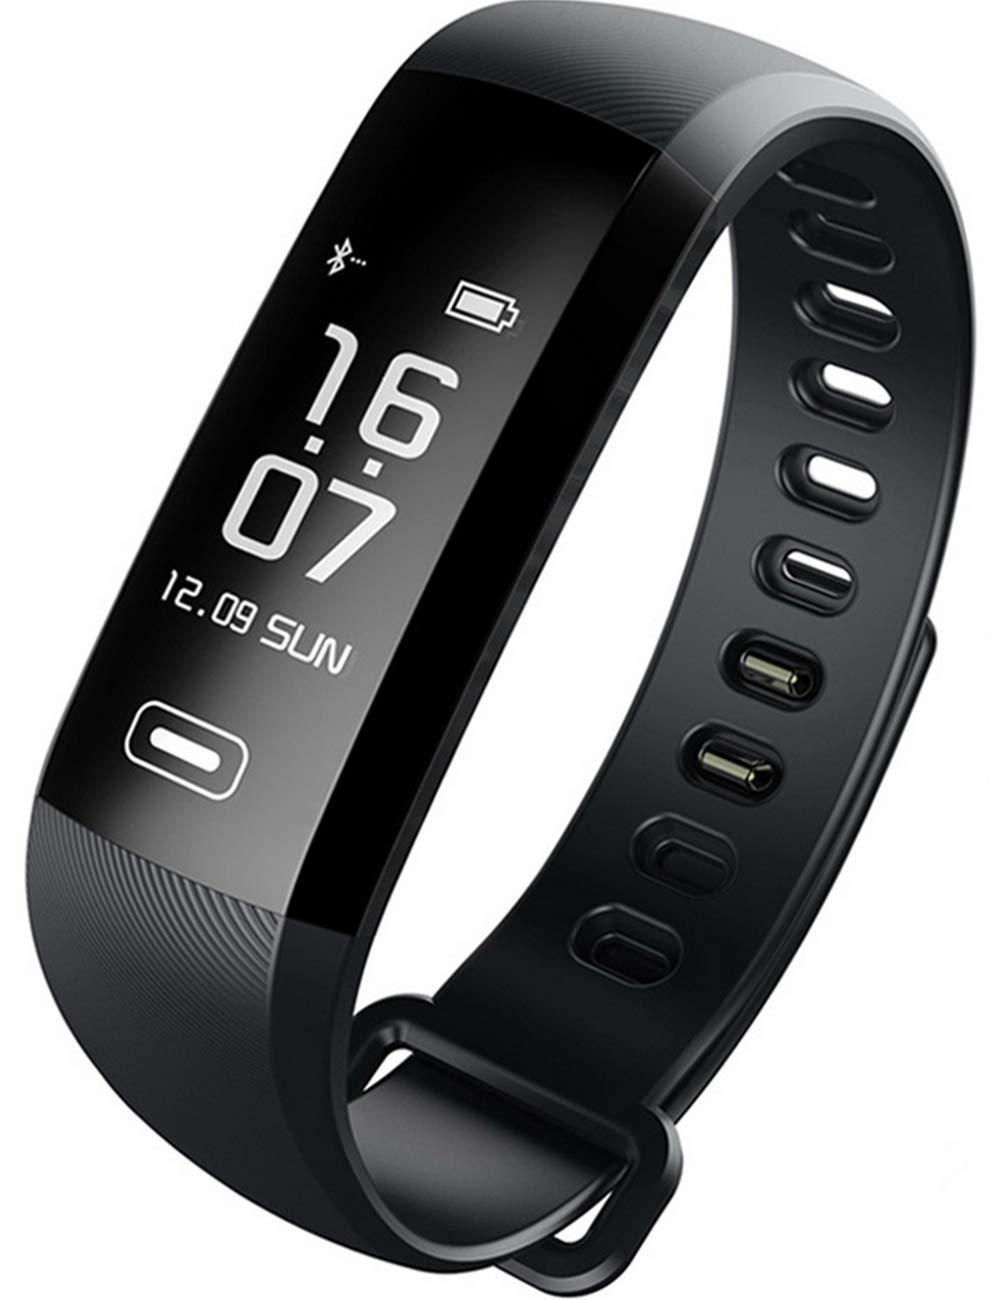 Pulsera Actividad Reloj Inteligente Fitness Tracker Multifuncional Cuenta Pasos CaloríAs, Smartwatch Fitness Tracker Para Hombre Y Mujer 1